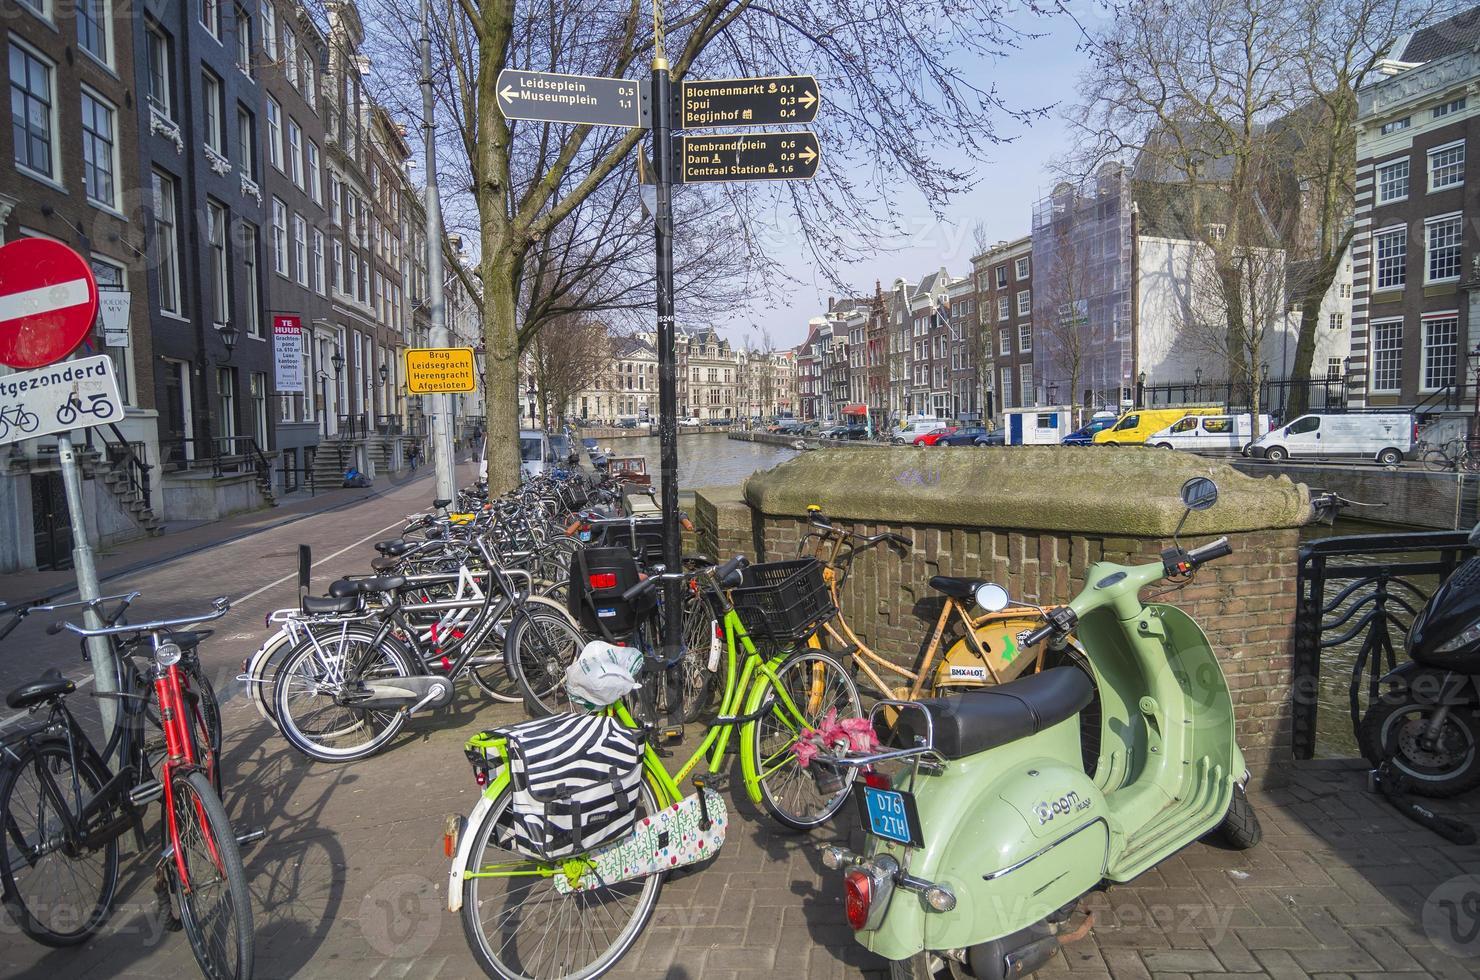 aparcamiento de bicicletas en el canal, amsterdam. foto